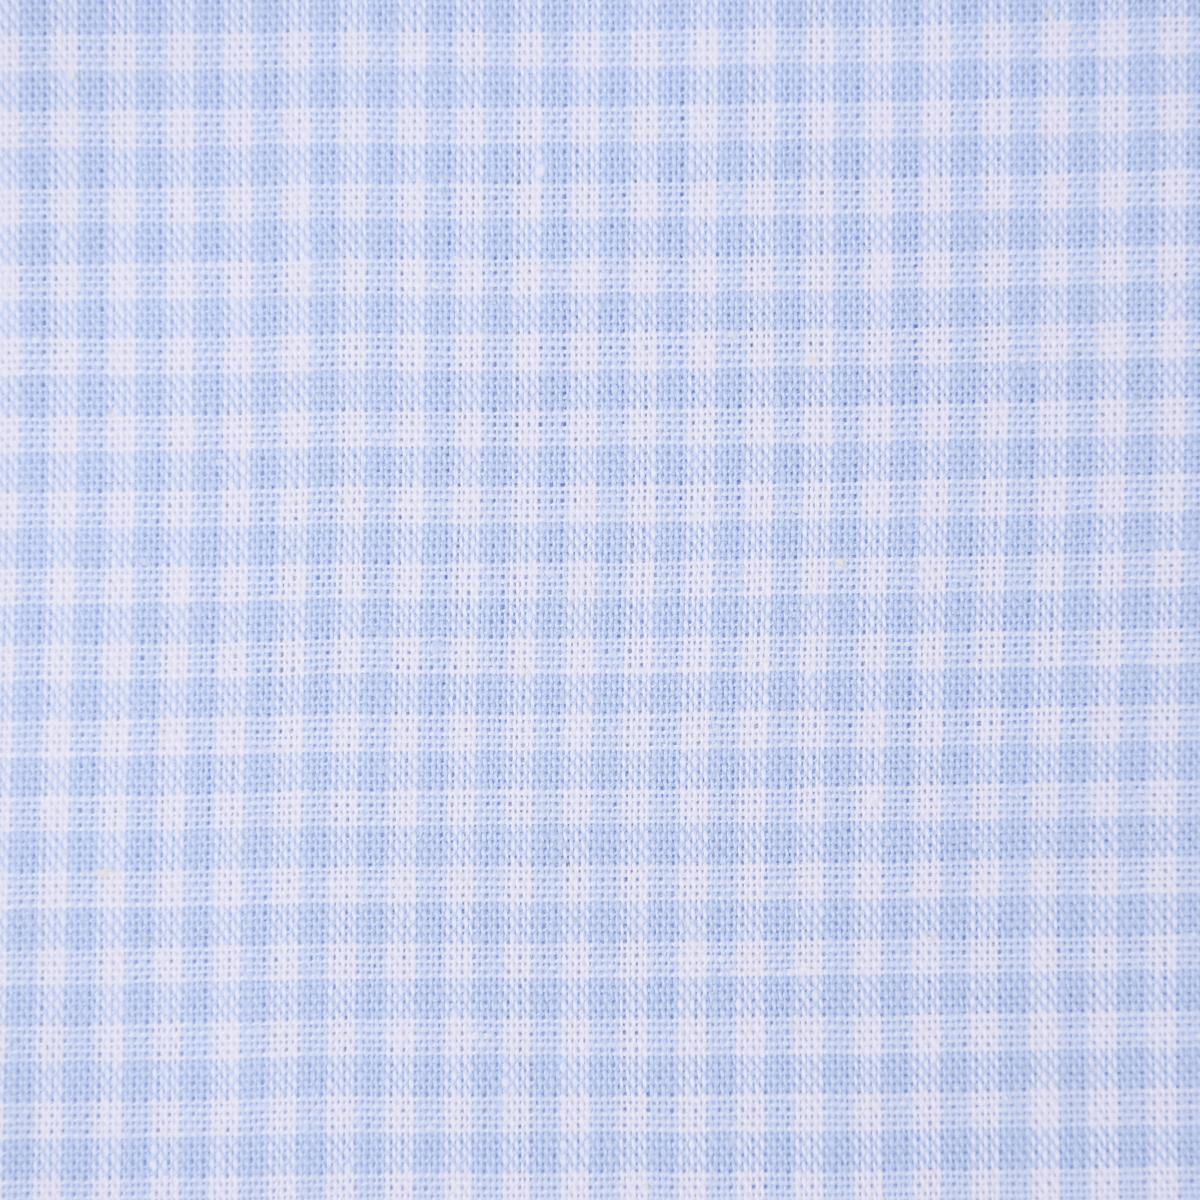 Baumwollstoff kariert weiß hellblau 2mm